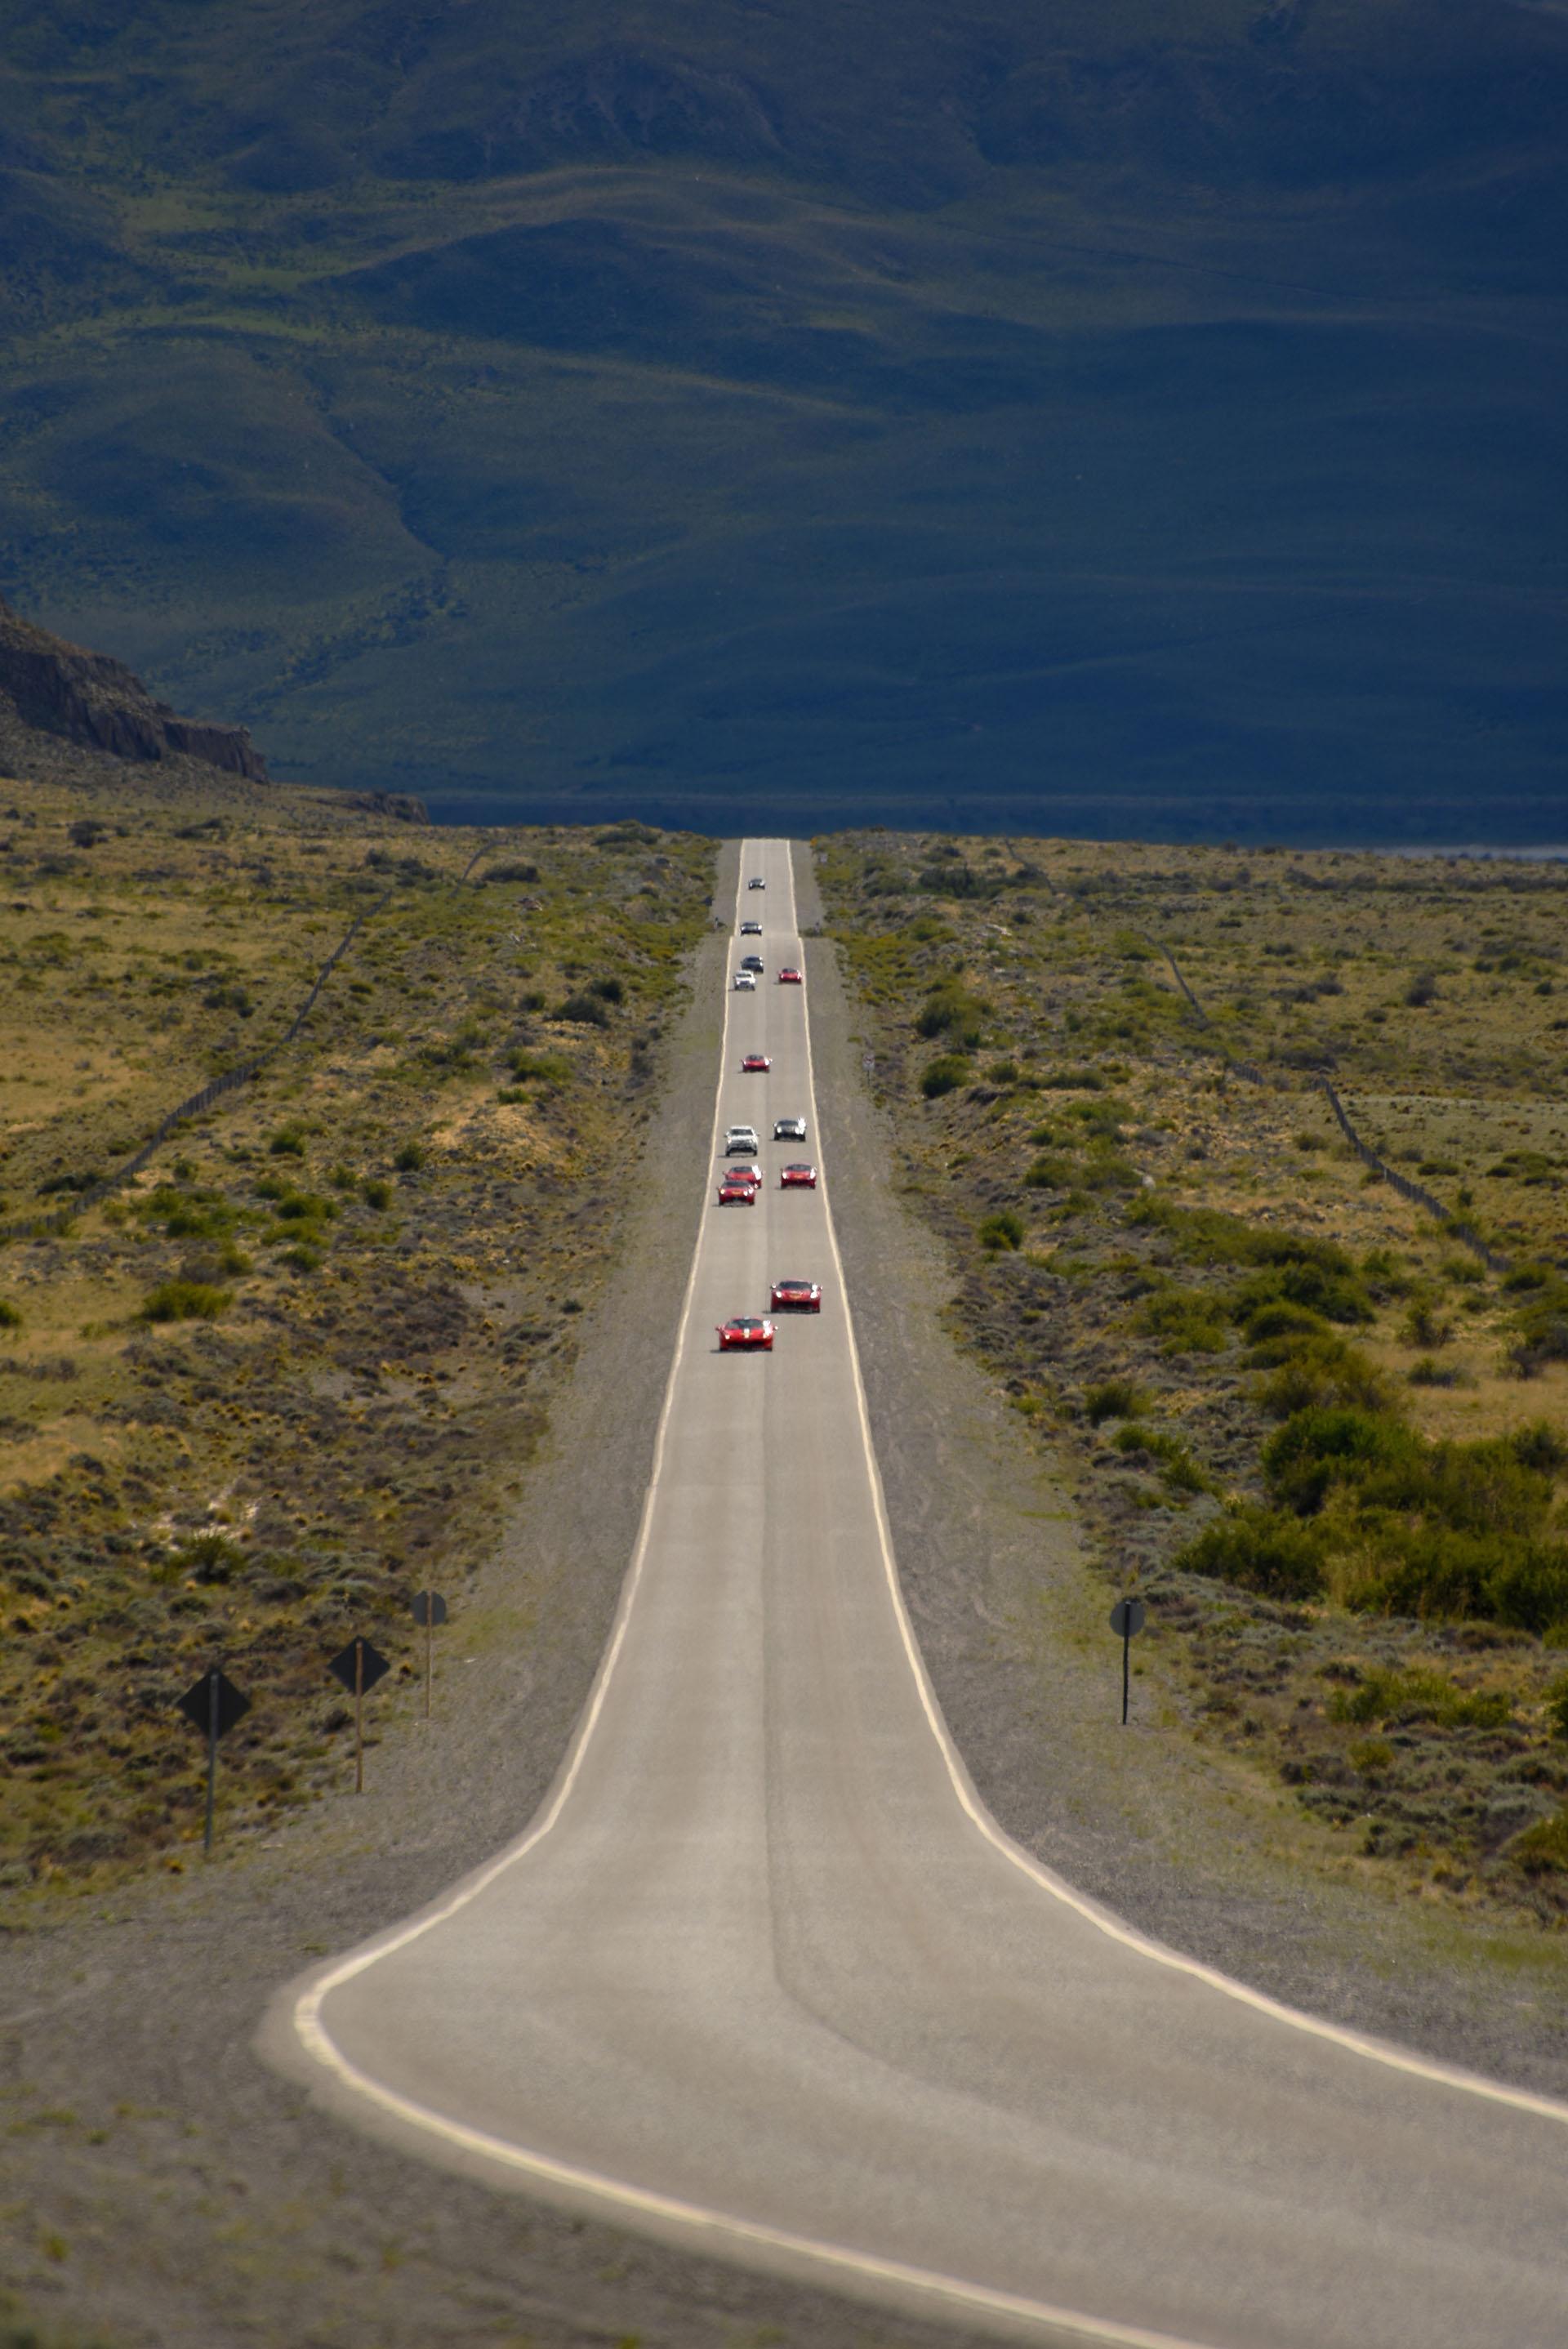 Una imagen imponente de la ruta provincial 11 de Santa Cruz, en El Calafate